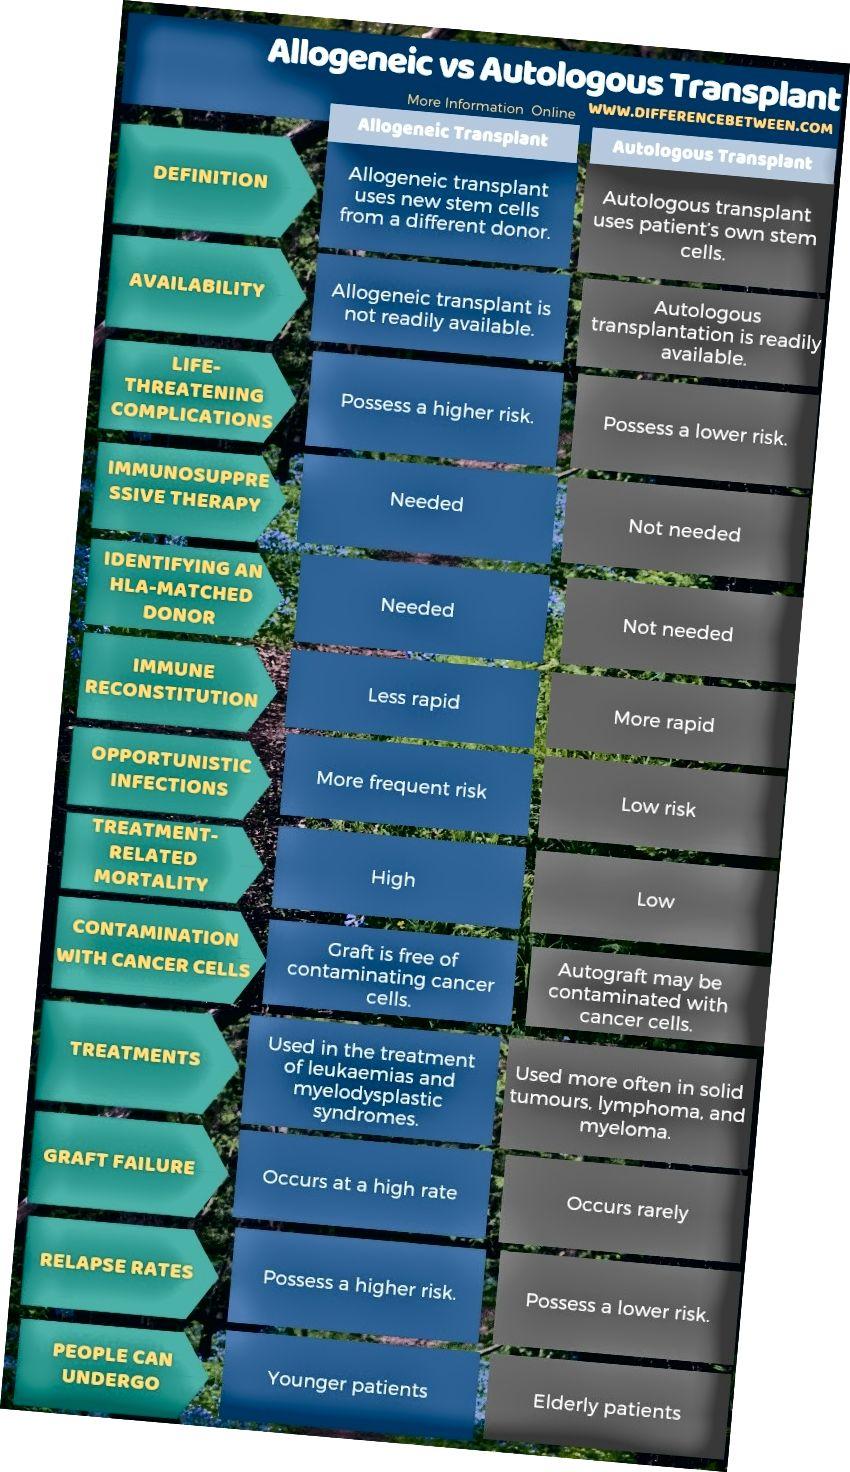 Unterschied zwischen allogener und autologer Transplantation in tabellarischer Form